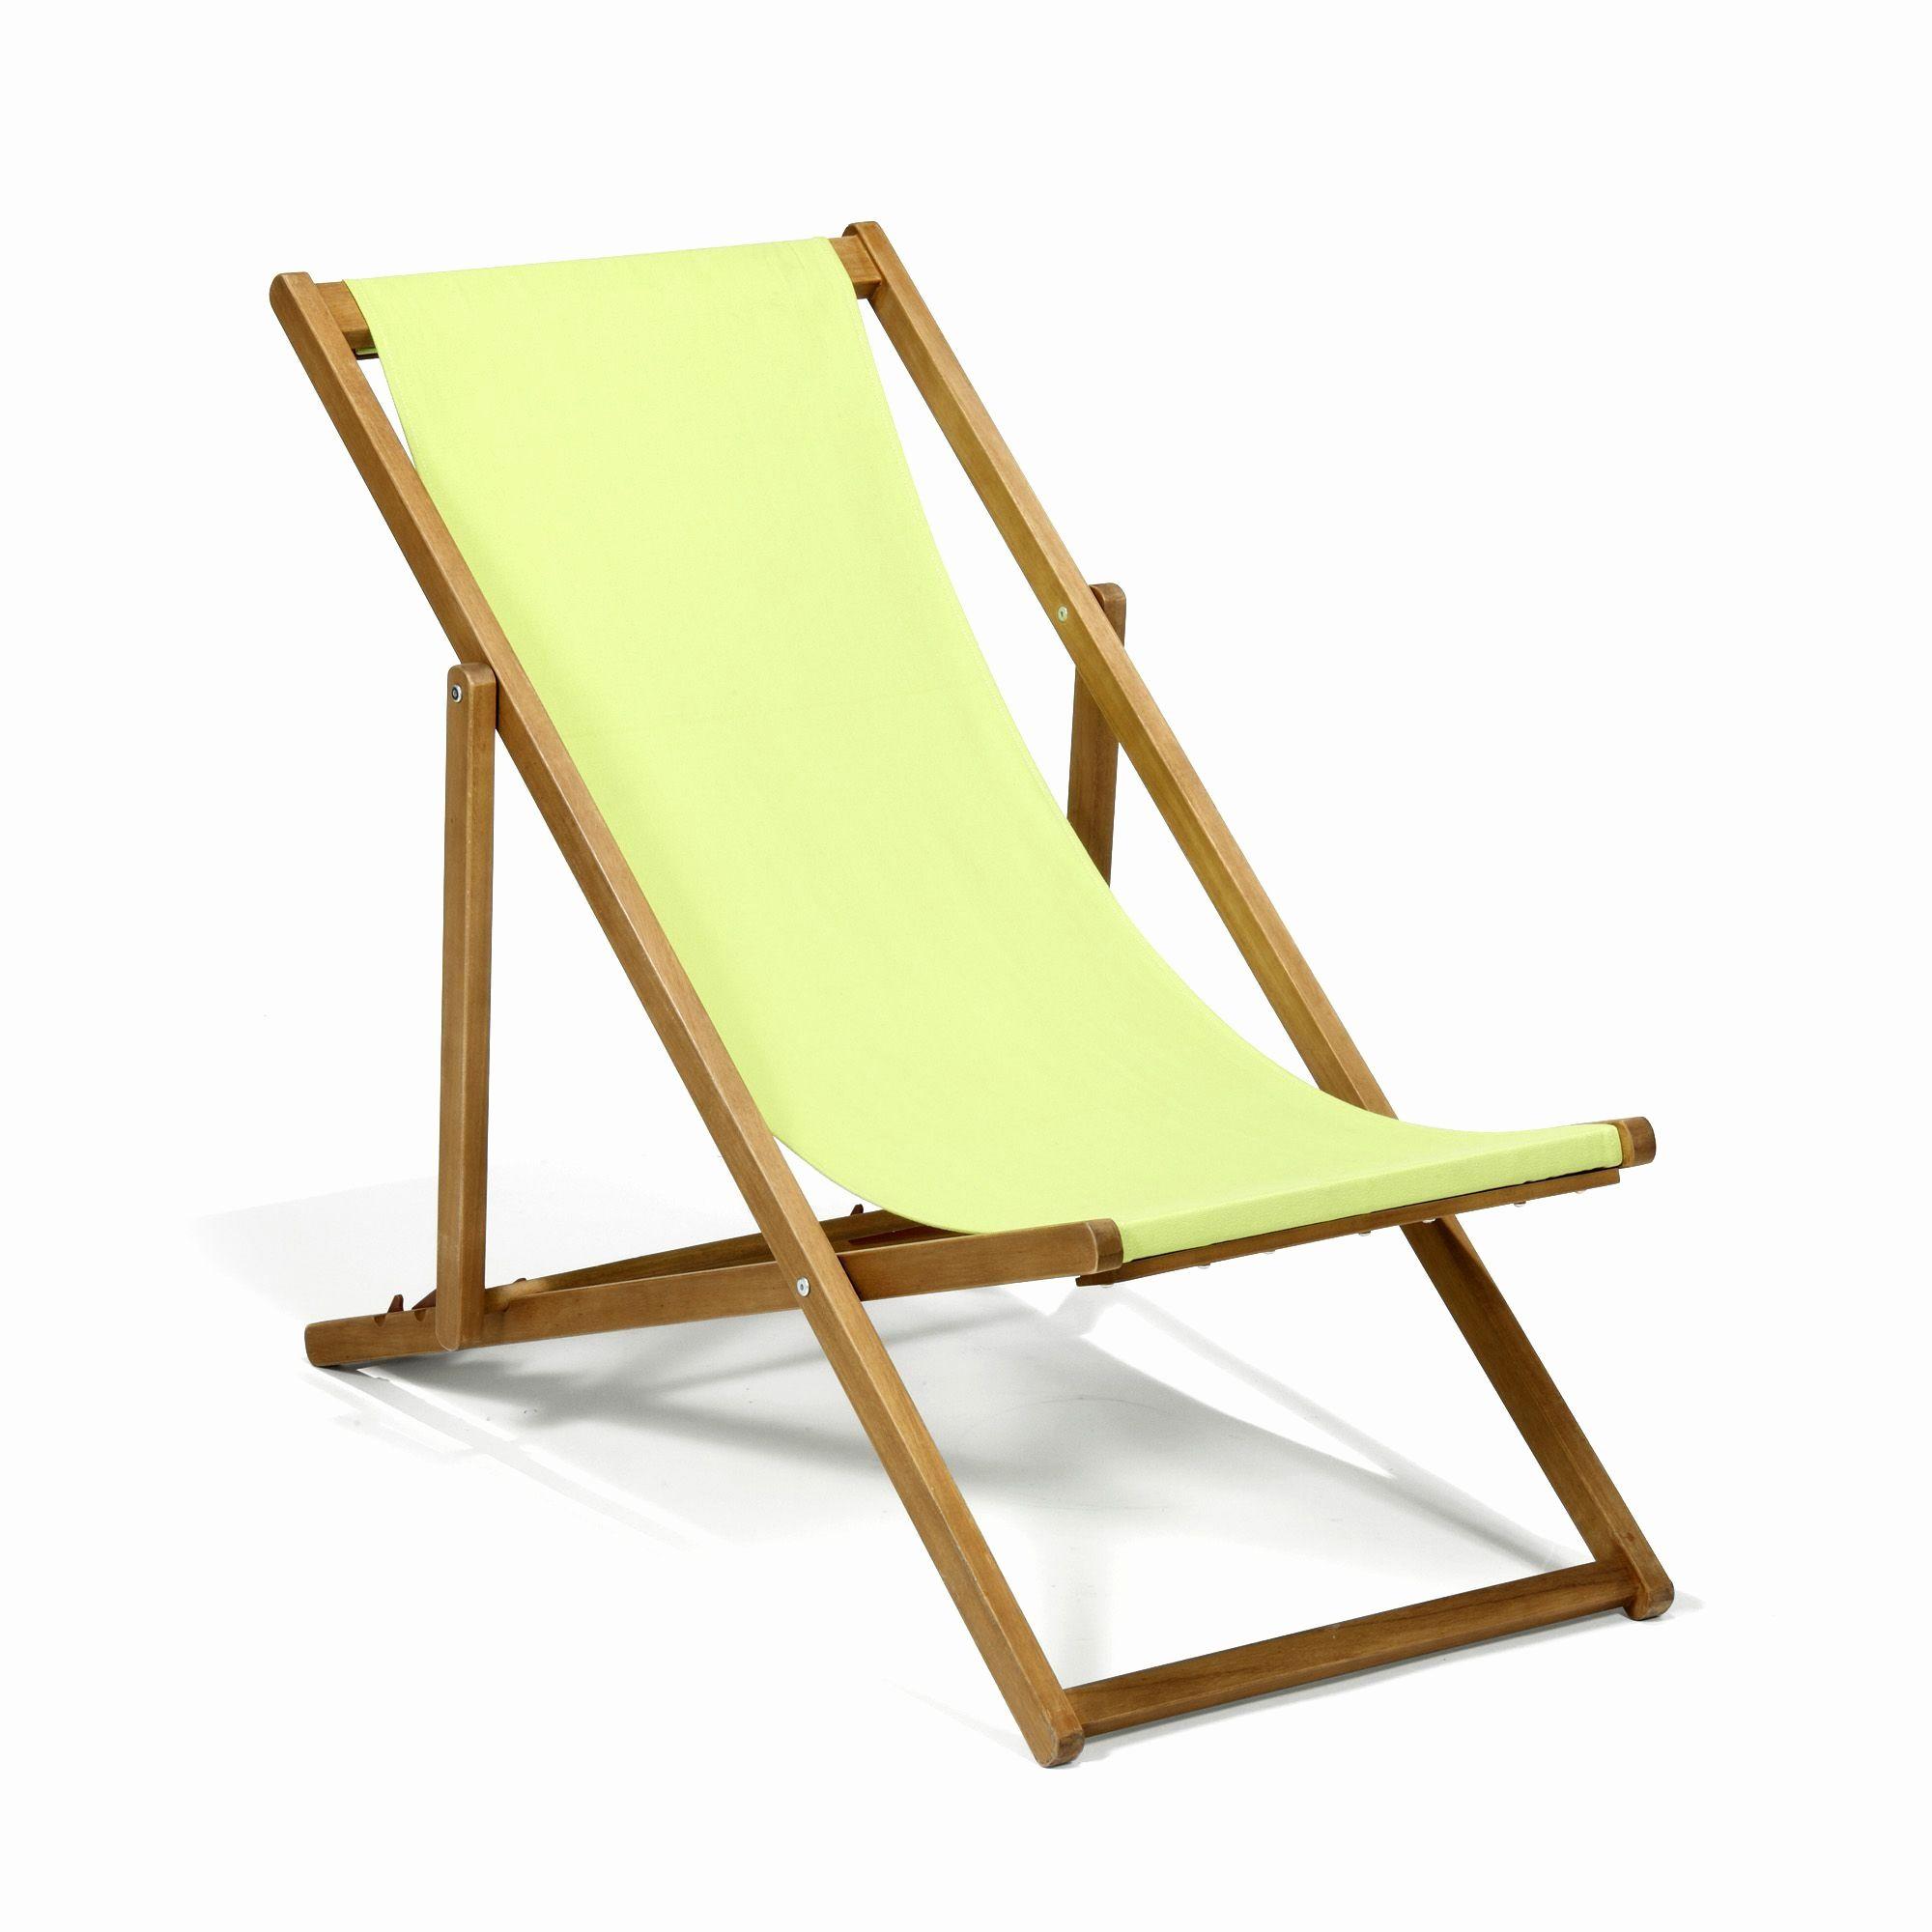 Transat Jardin Ikea | Outdoor Furniture, Furniture, Outdoor ... concernant Transat Ikea